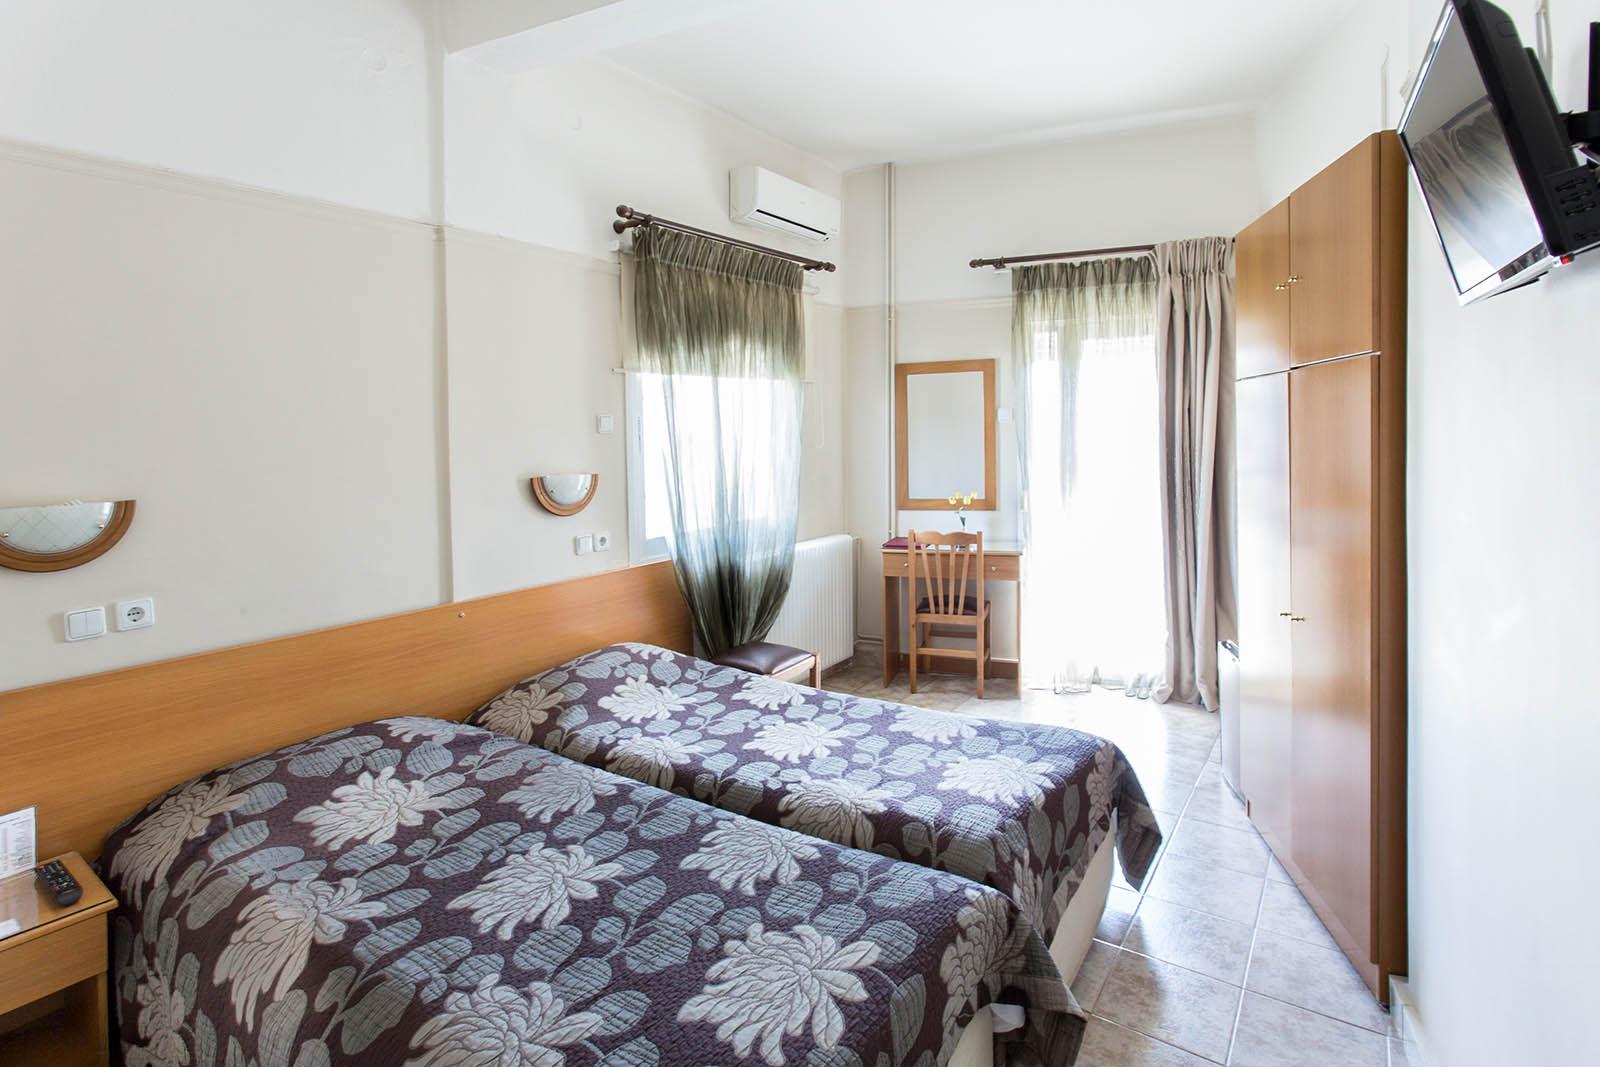 ξενοδοχεια κοζανη - Anesis Hotel